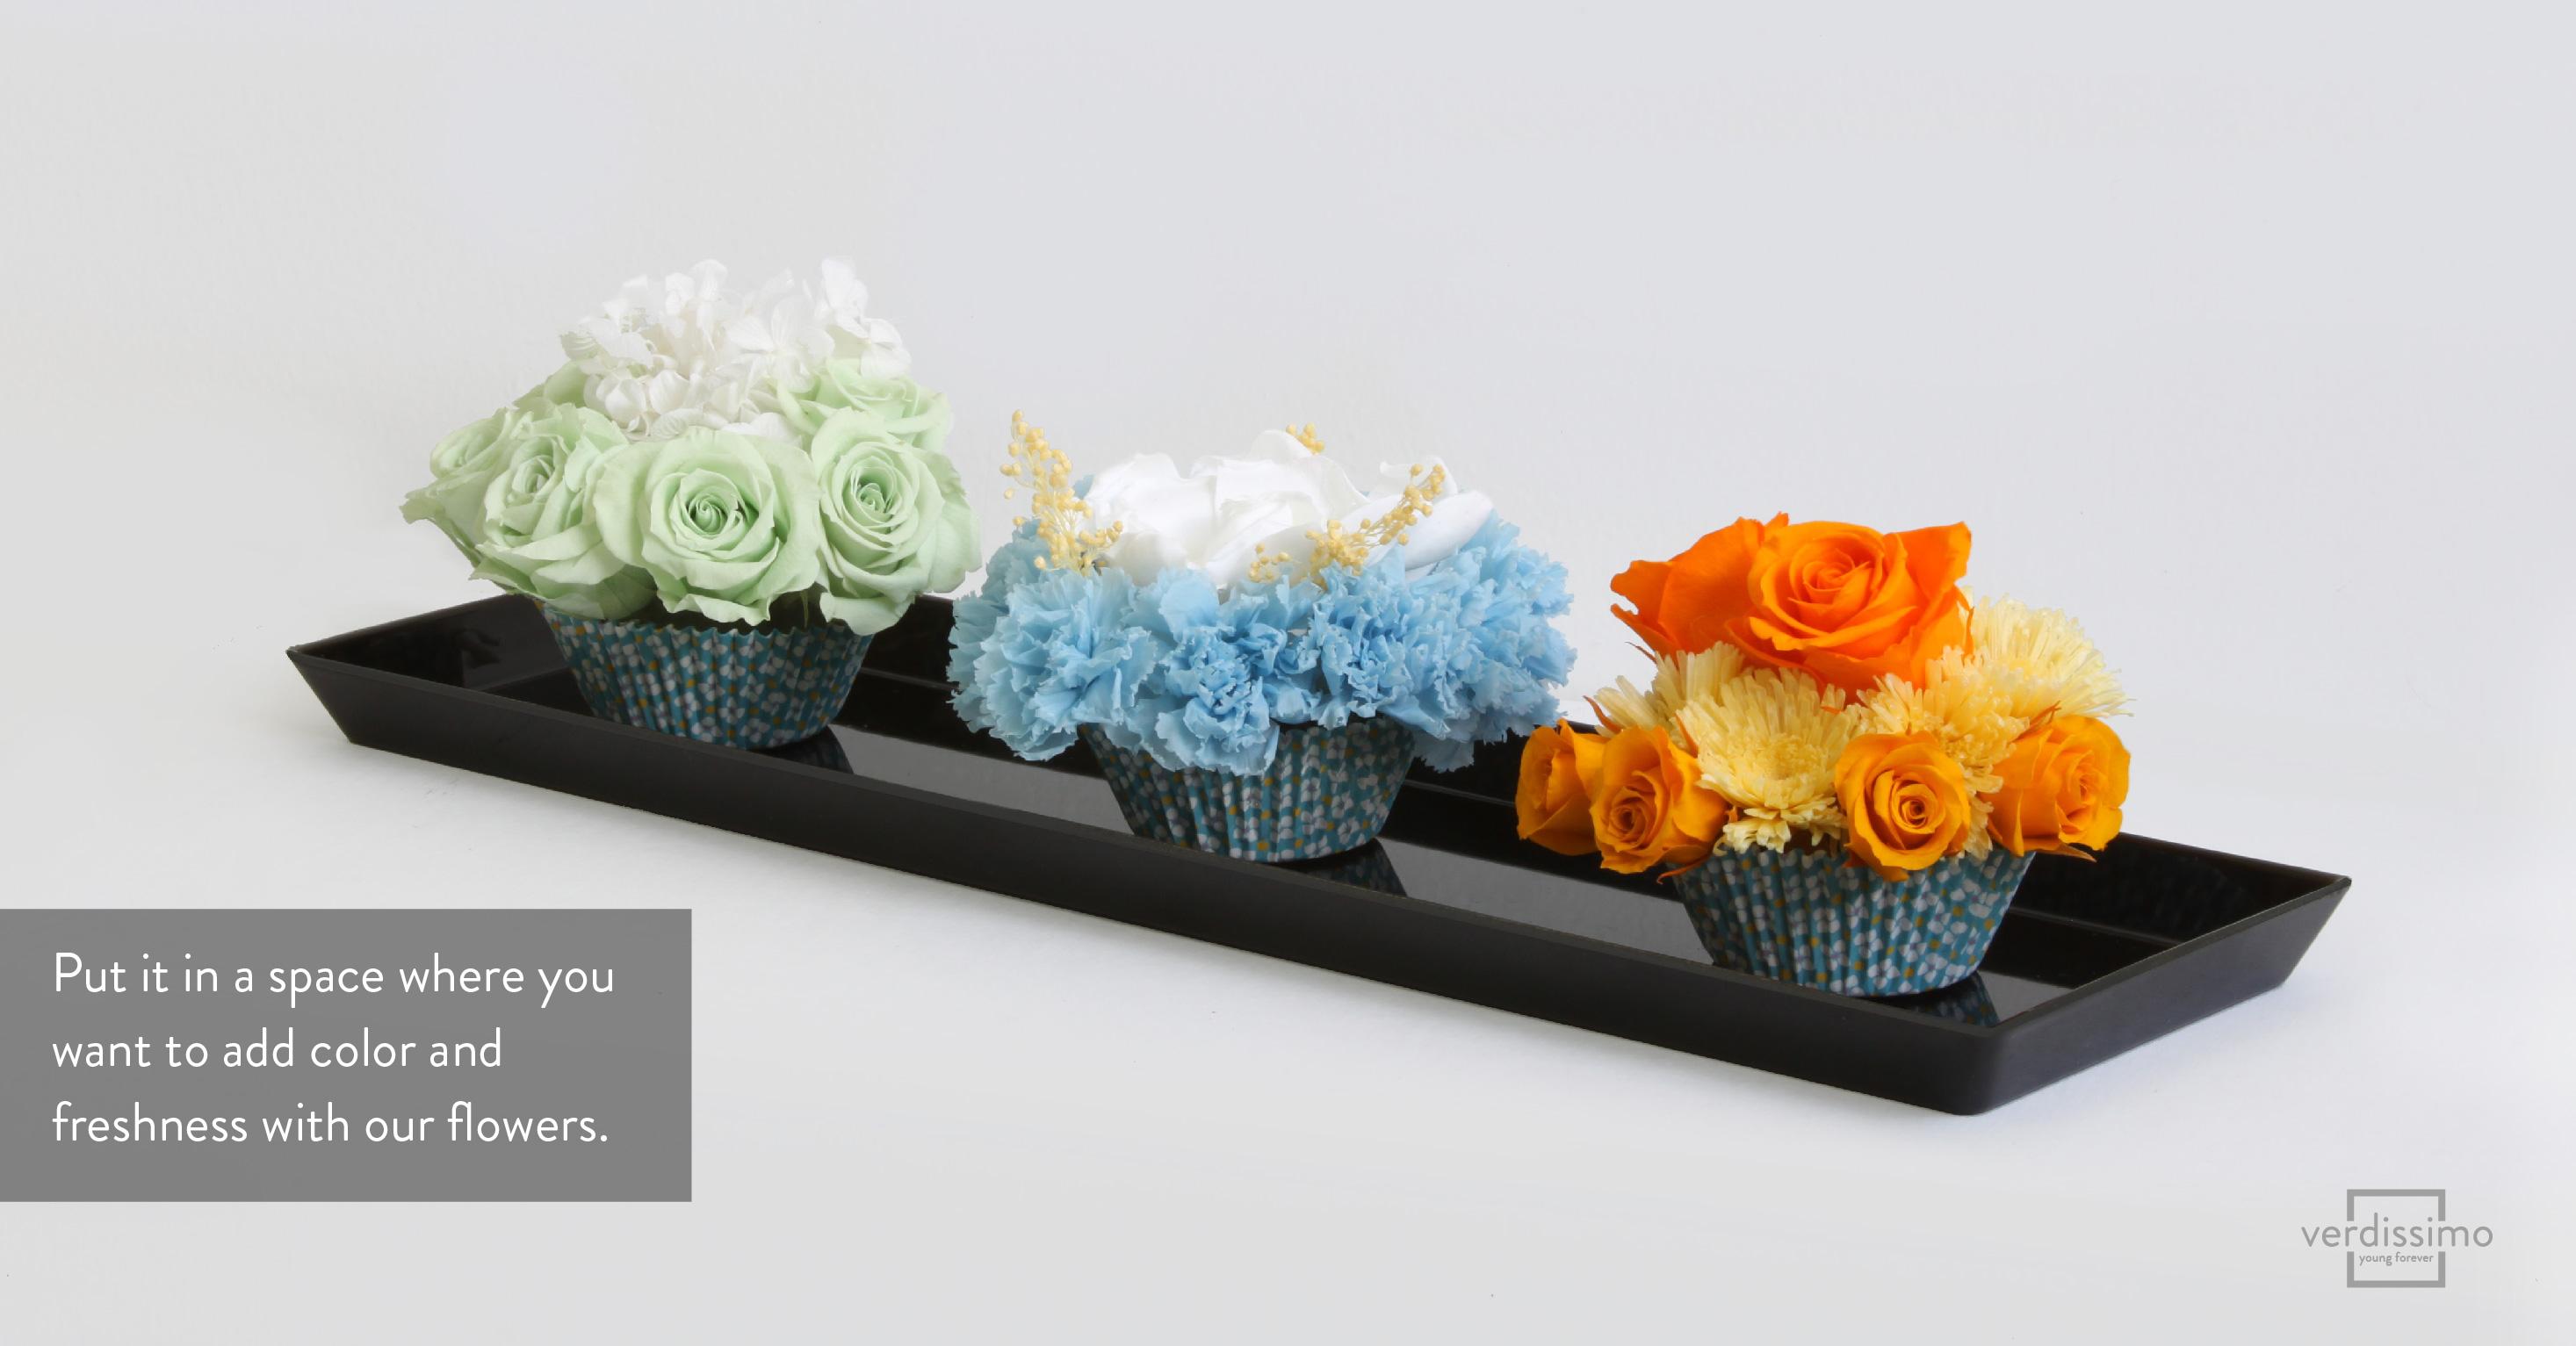 diy-cupcakes-05-verdissimo